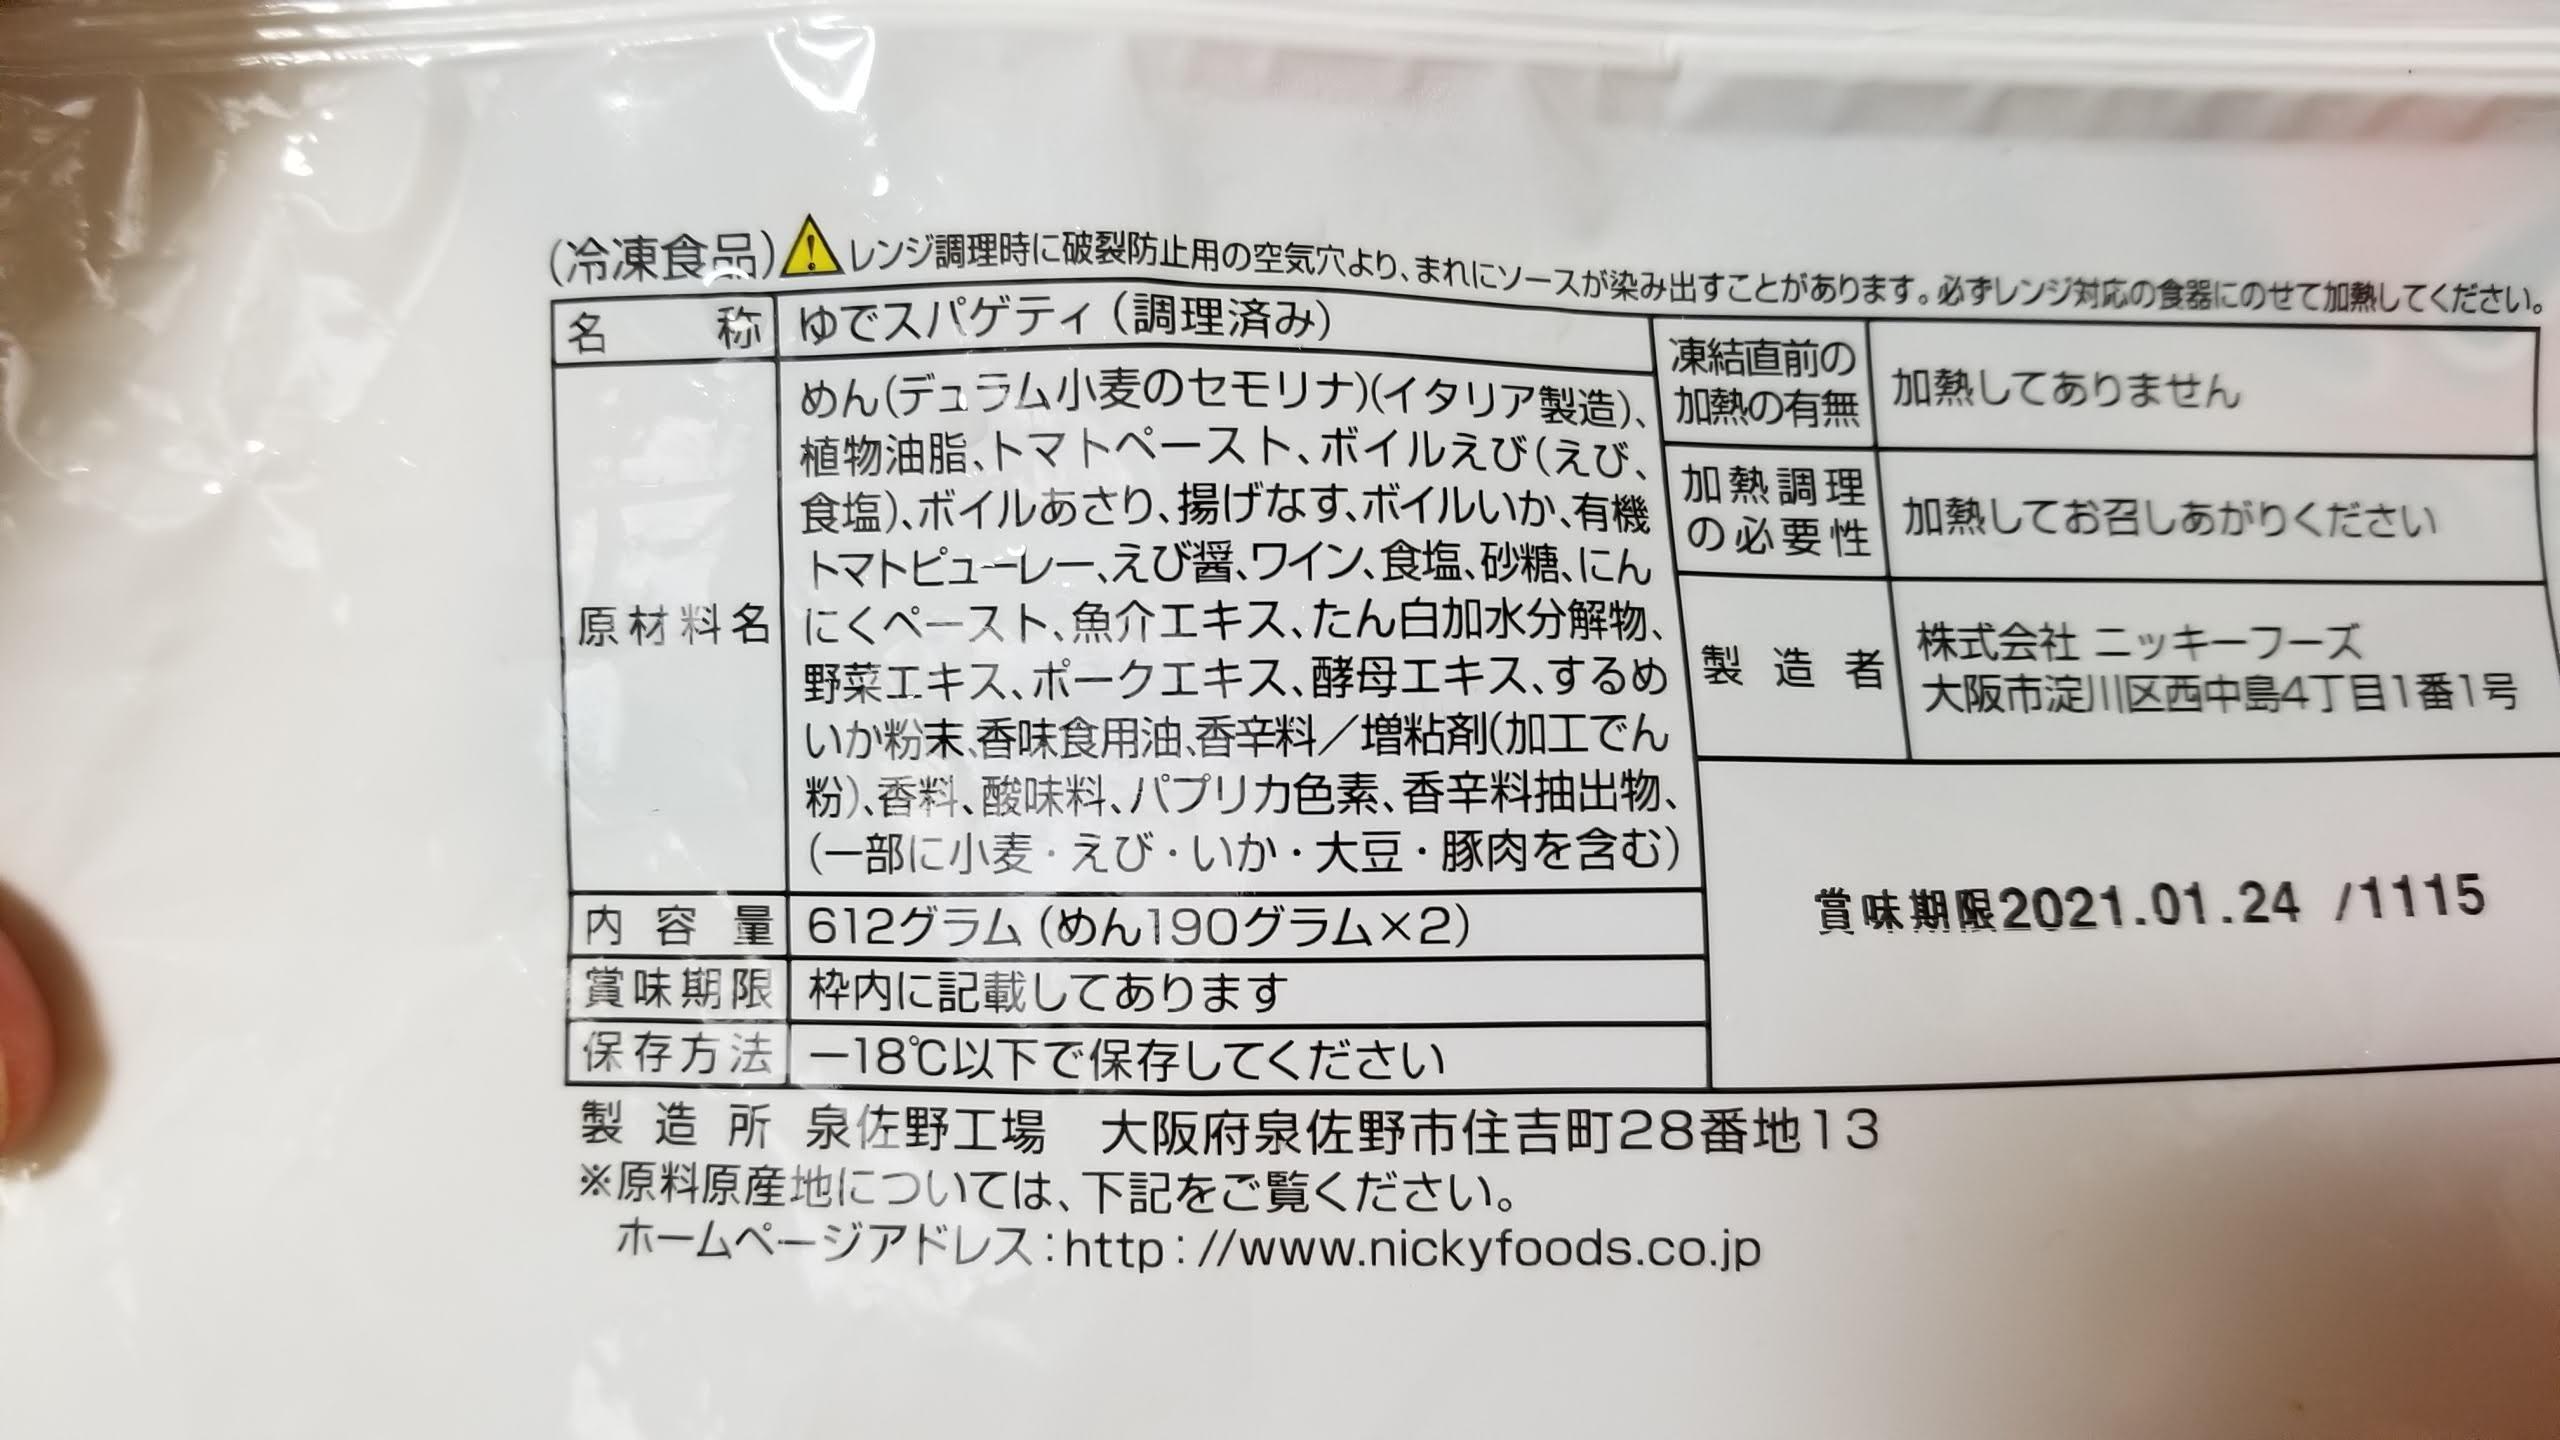 (冷凍)ペスカトーレ/ニッキーフーズ _20200310_120632